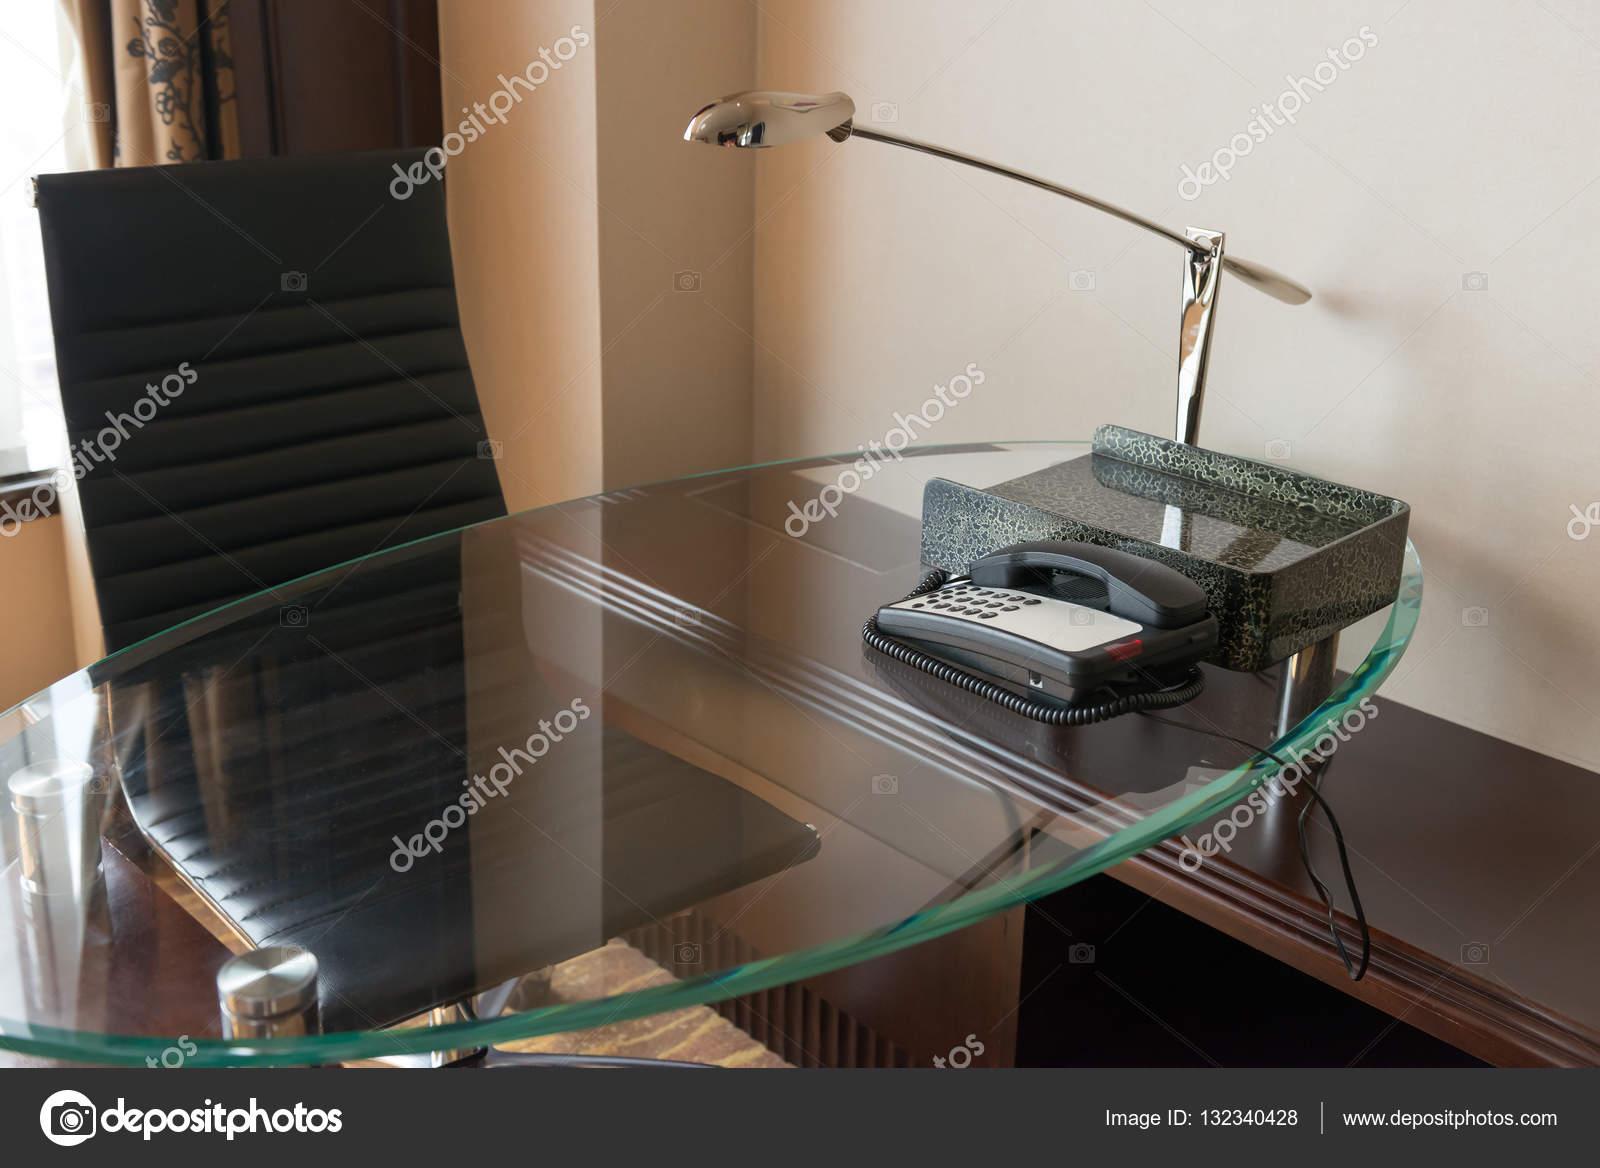 Bureau dans une chambre dhôtel dans la zone de travail